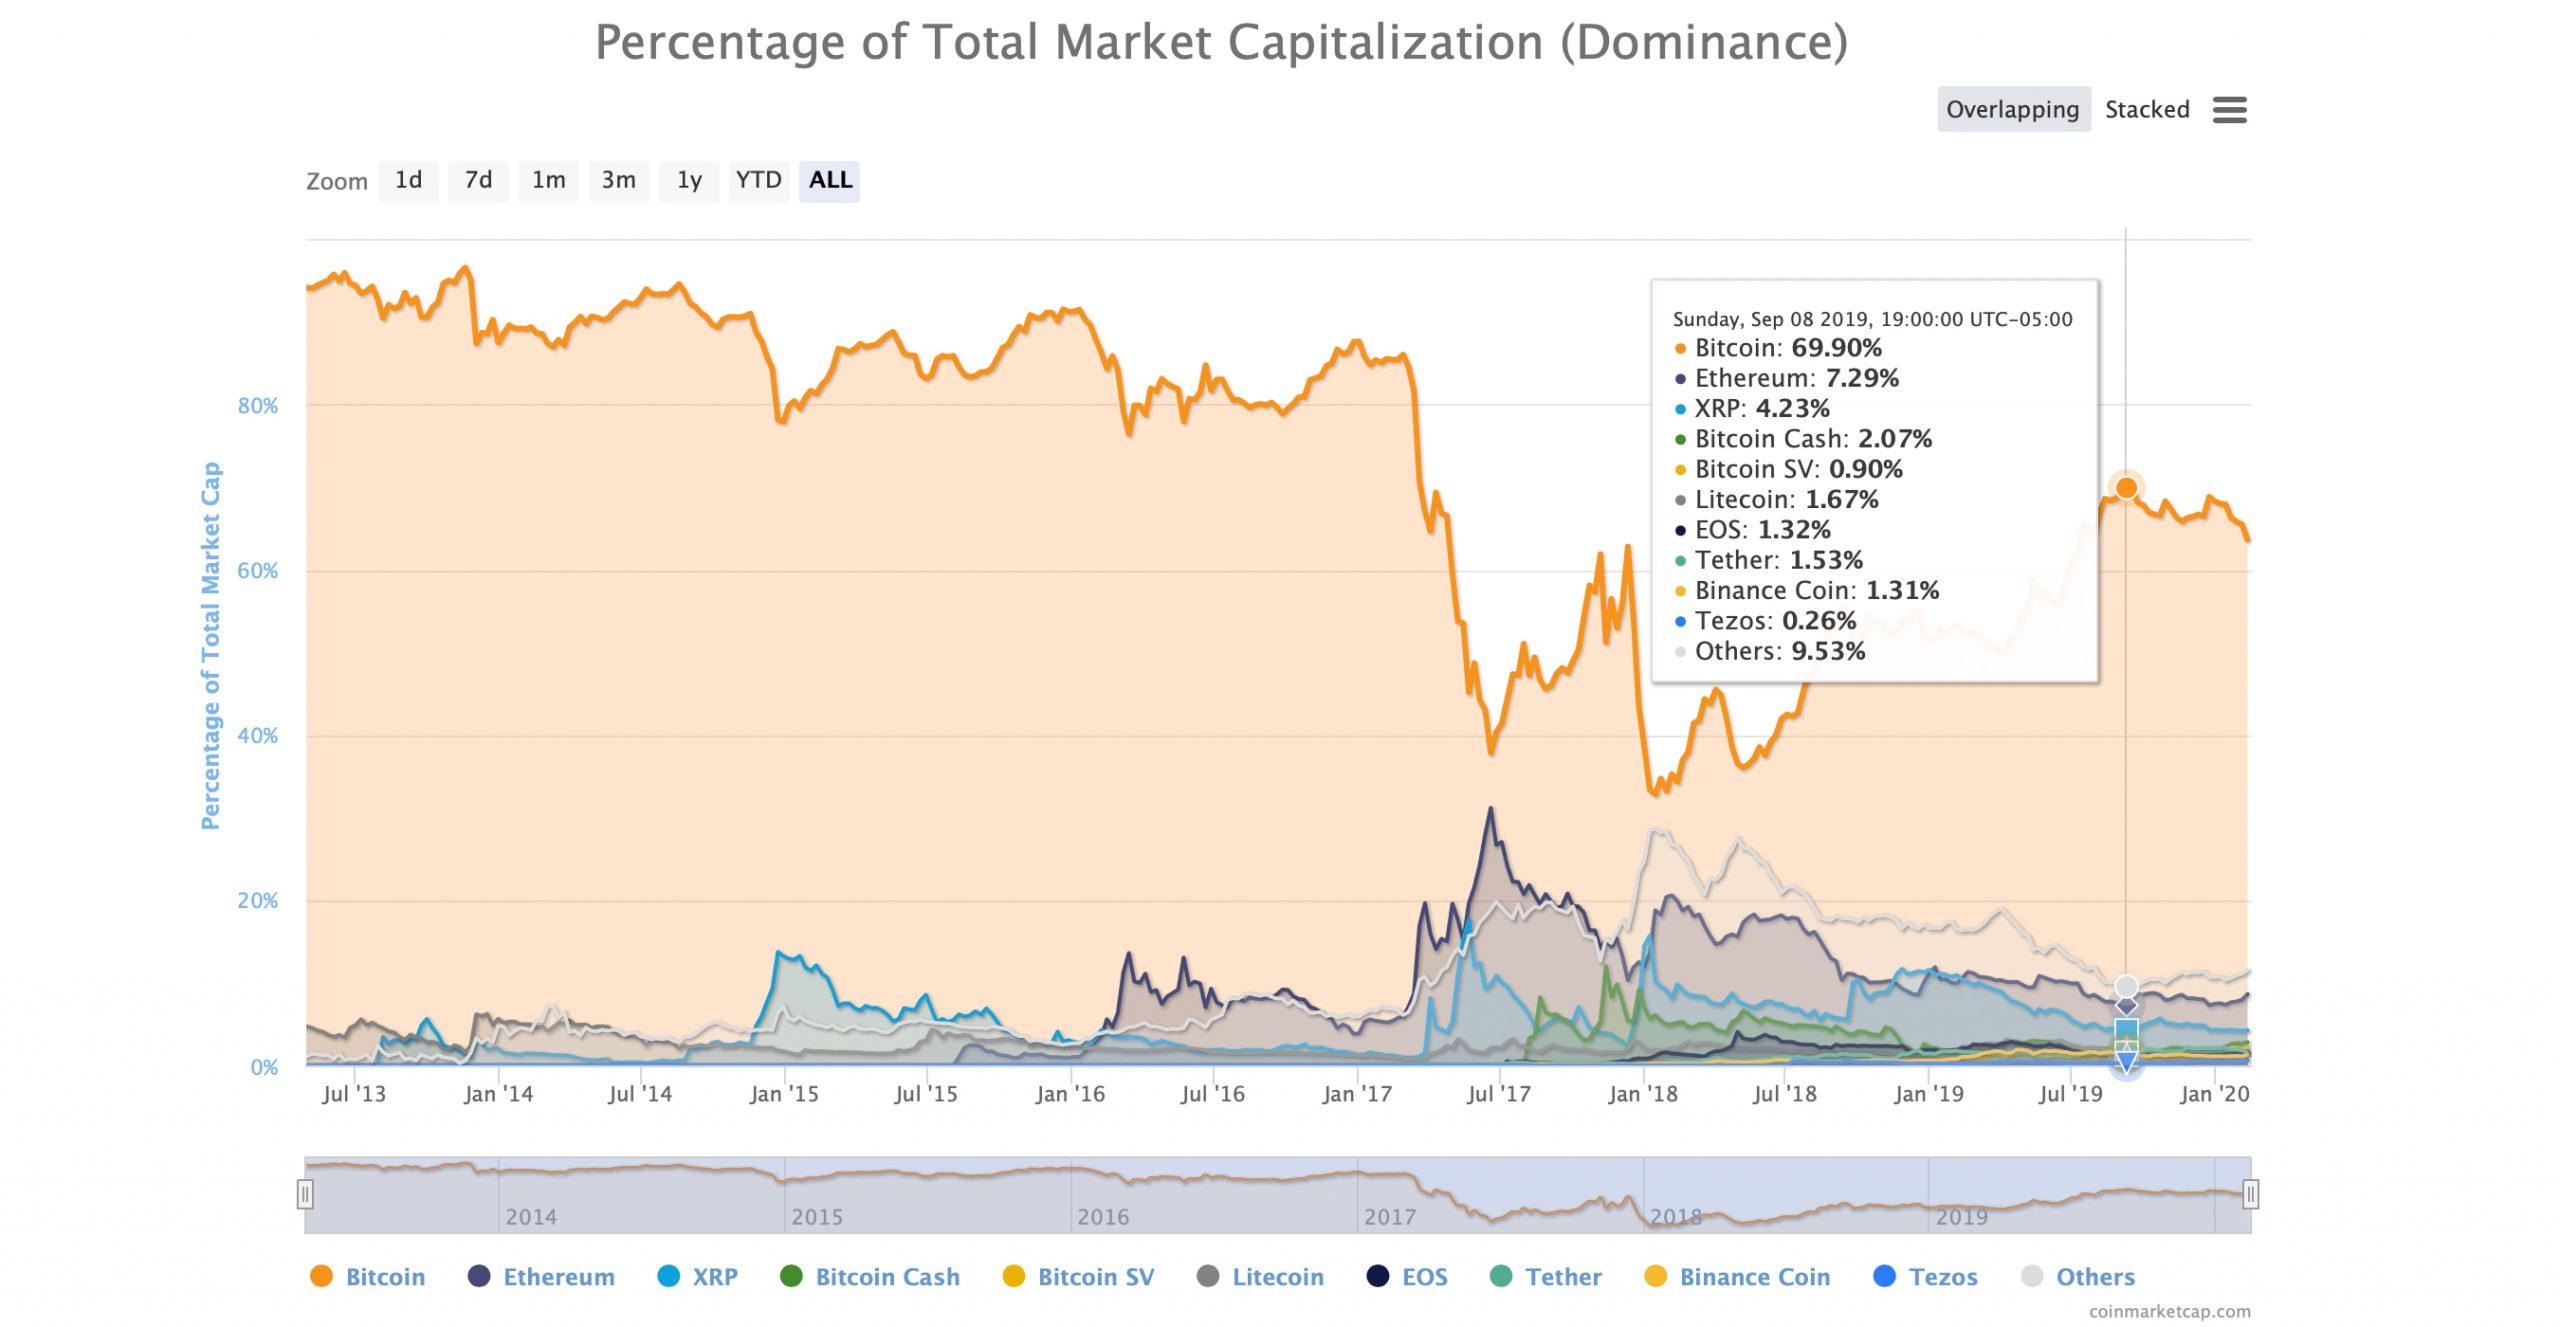 """La cuota de mercado de BTC cae consecutivamente durante 14 días - La relación de dominancia se desliza al 60% """"ancho ="""" 2560 """"altura ="""" 1327 """" srcset = """"https://blackswanfinances.com/wp-content/uploads/2020/02/btcdom70percent-scaled.jpg 2560w, https://news.bitcoin.com/wp-content/uploads/2020/02/ btcdom70percent-300x156.jpg 300w, https://news.bitcoin.com/wp-content/uploads/2020/02/btcdom70percent-1024x531.jpg 1024w, https://news.bitcoin.com/wp-content/uploads/ 2020/02 / btcdom70percent-768x398.jpg 768w, https://news.bitcoin.com/wp-content/uploads/2020/02/btcdom70percent-1536x796.jpg 1536w, https://news.bitcoin.com/wp- content / uploads / 2020/02 / btcdom70percent-2048x1062.jpg 2048w, https://news.bitcoin.com/wp-content/uploads/2020/02/btcdom70percent-696x361.jpg 696w, https: //news.bitcoin. com / wp-content / uploads / 2020/02 / btcdom70percent-1392x722.jpg 1392w, https://news.bitcoin.com/wp-content/uploads/2020/02/btcdom70percen t-1068x554.jpg 1068w, https://news.bitcoin.com/wp-content/uploads/2020/02/btcdom70percent-810x420.jpg 810w, https://news.bitcoin.com/wp-content/uploads/ 2020/02 / btcdom70percent-1920x996.jpg 1920w """"tamaños ="""" (ancho máximo: 2560px) 100vw, 2560px"""